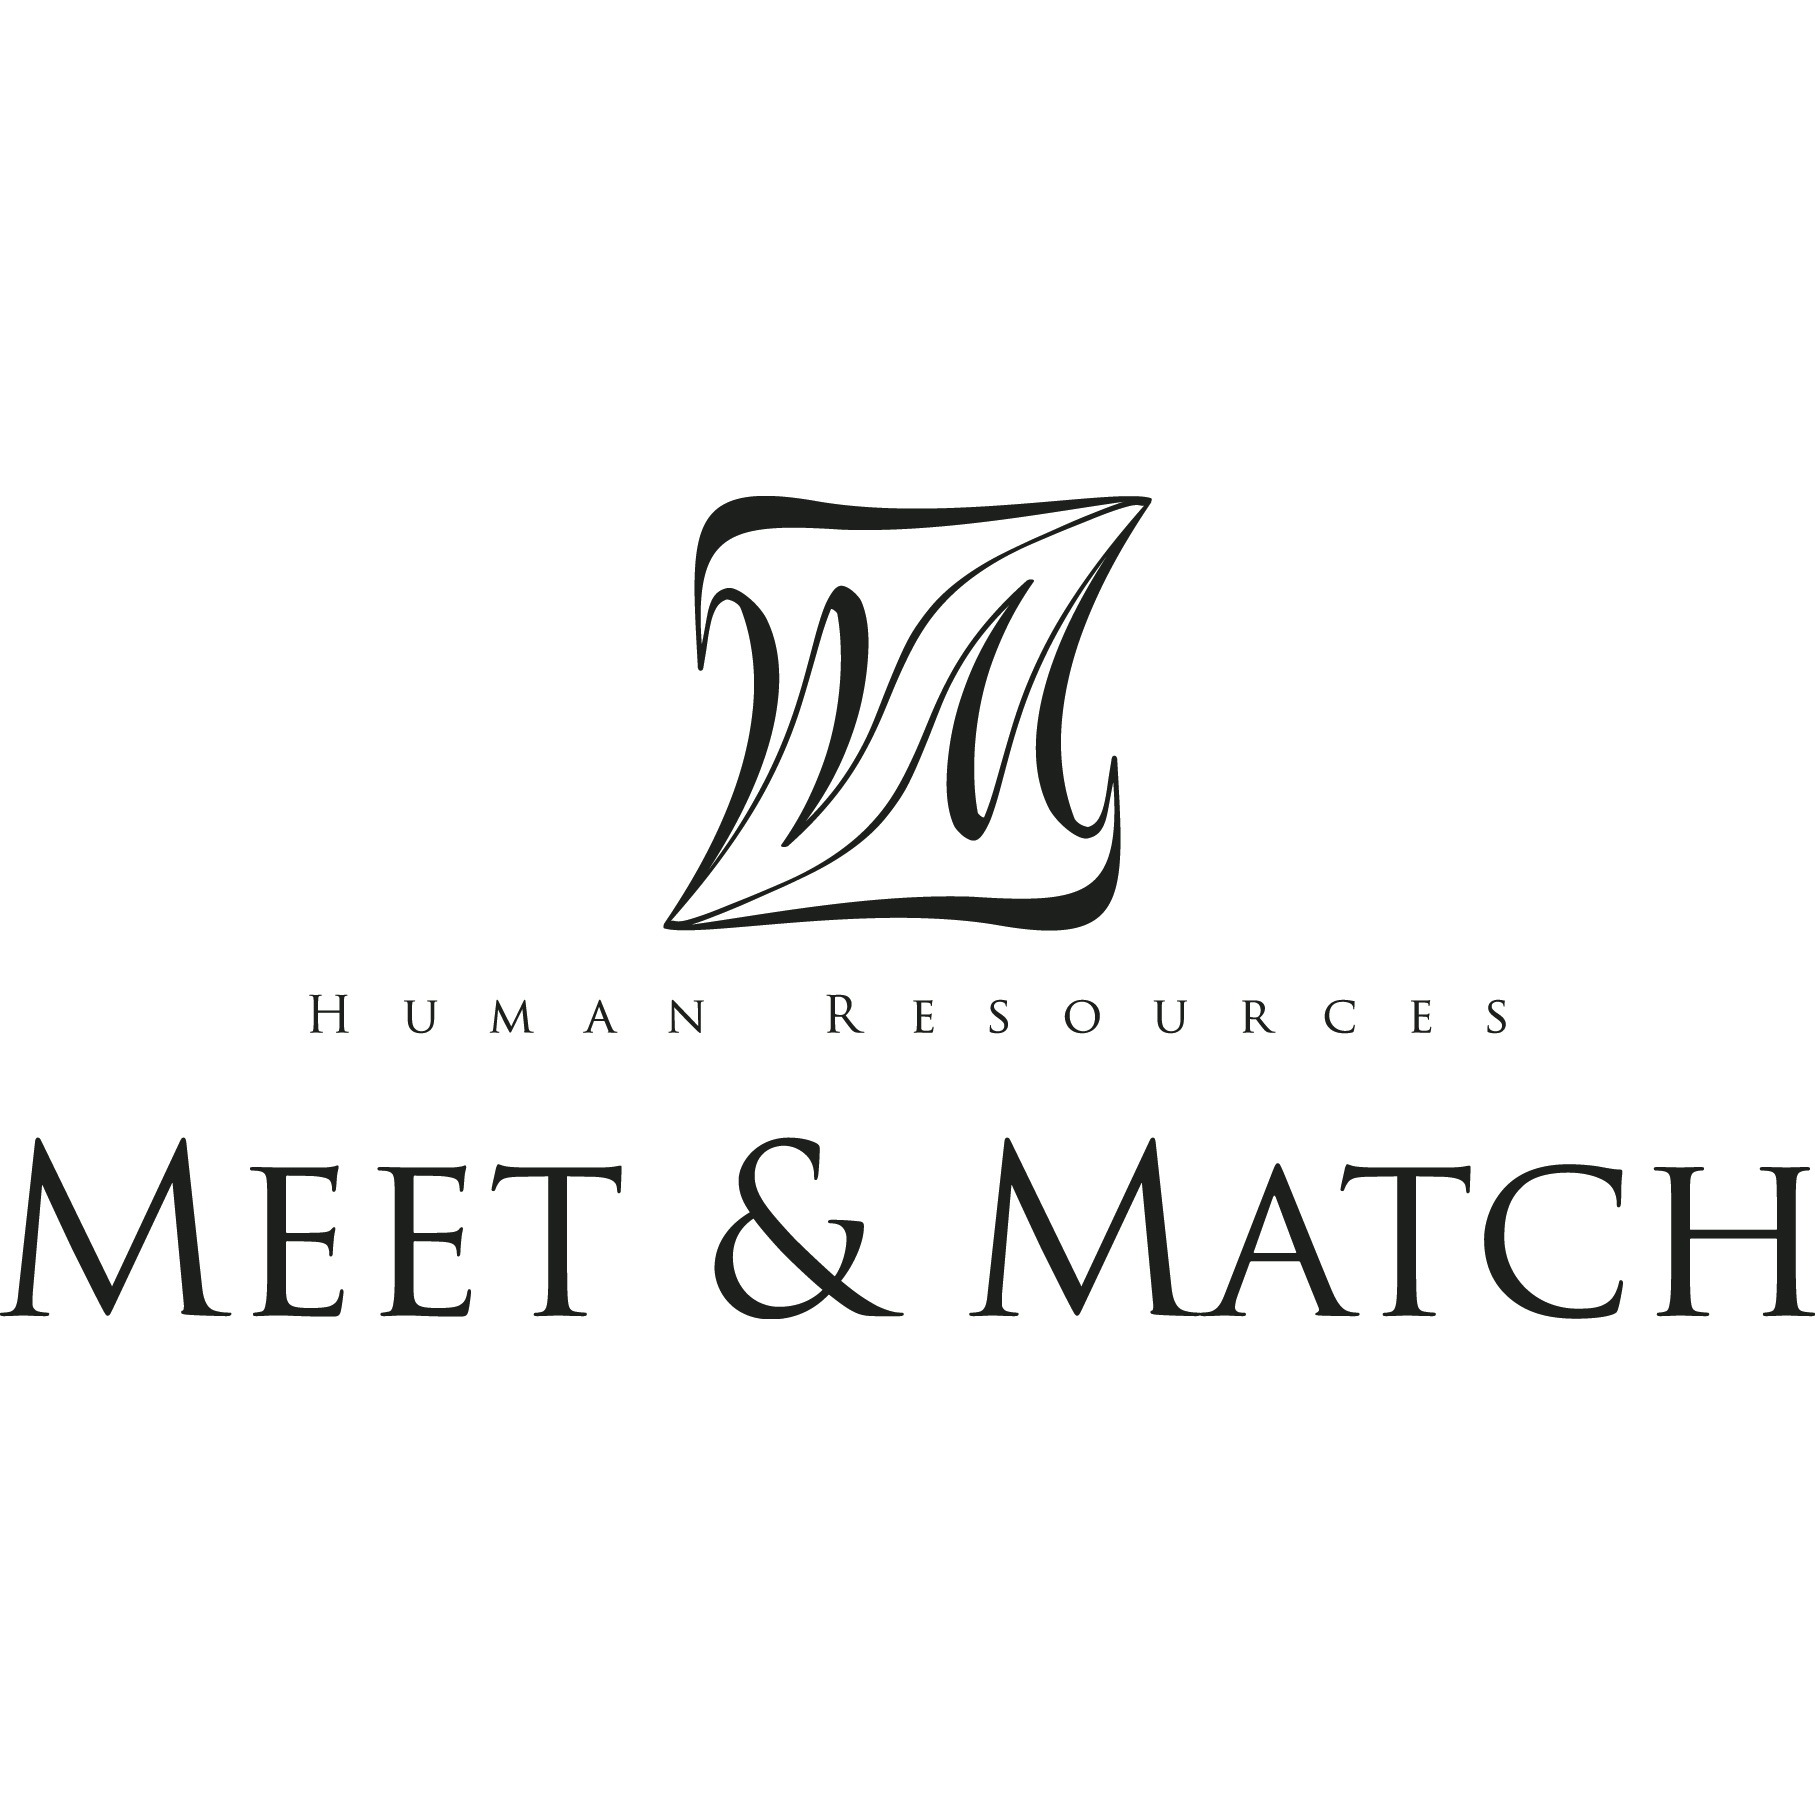 the Meet & Match logo.